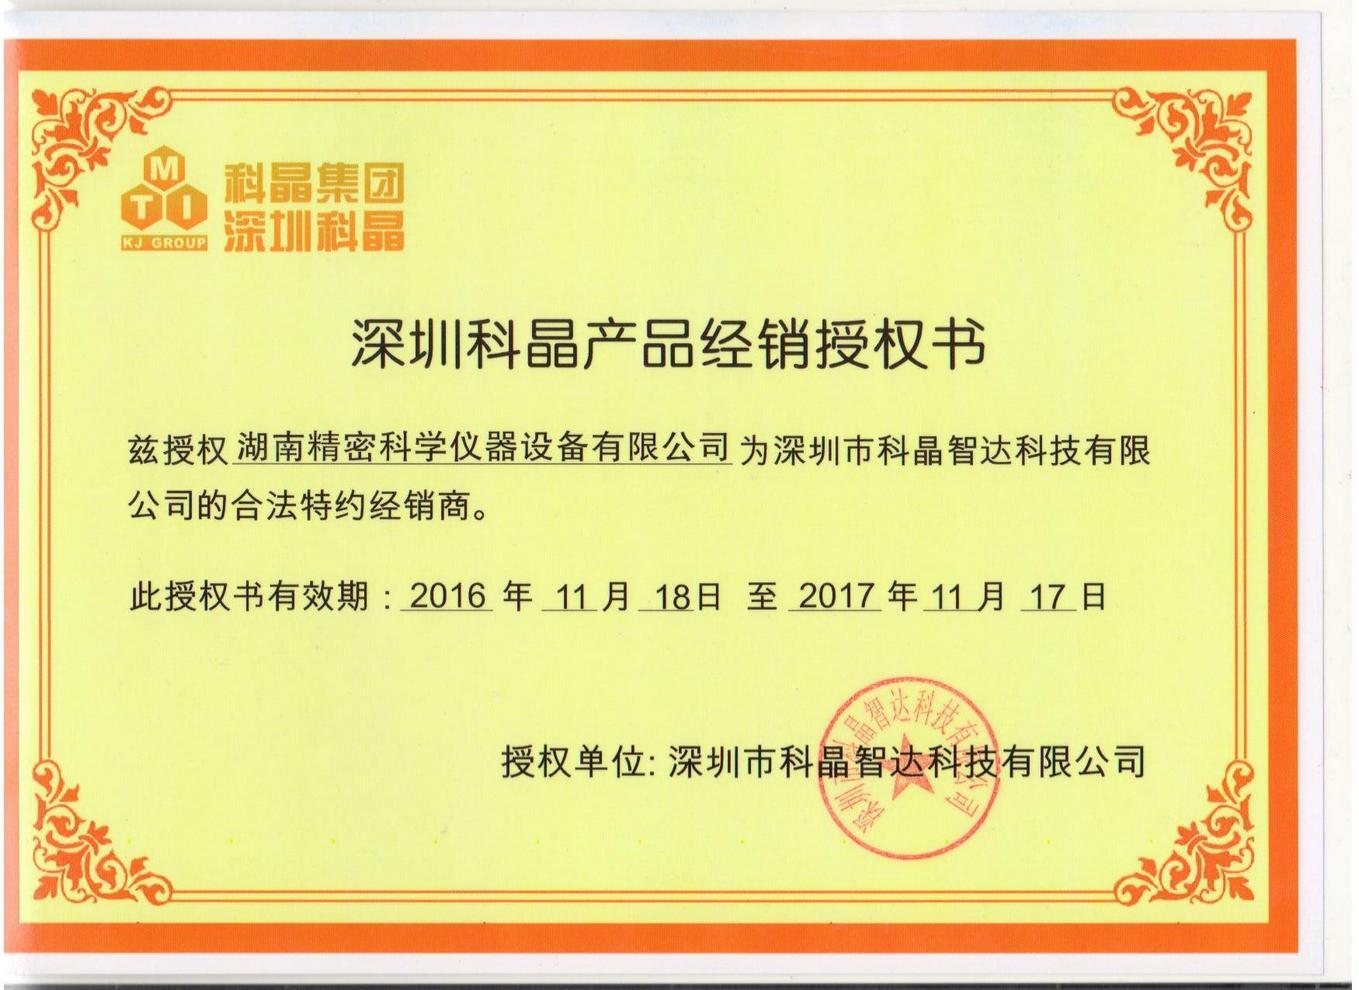 深圳万博体育手机版max客户端授权书